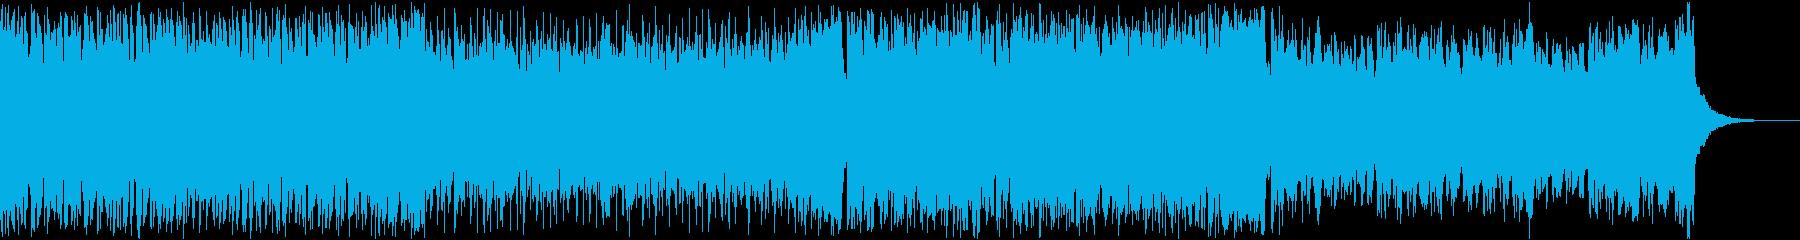 OP/ED/ポップ/かわいい/電脳/元気の再生済みの波形